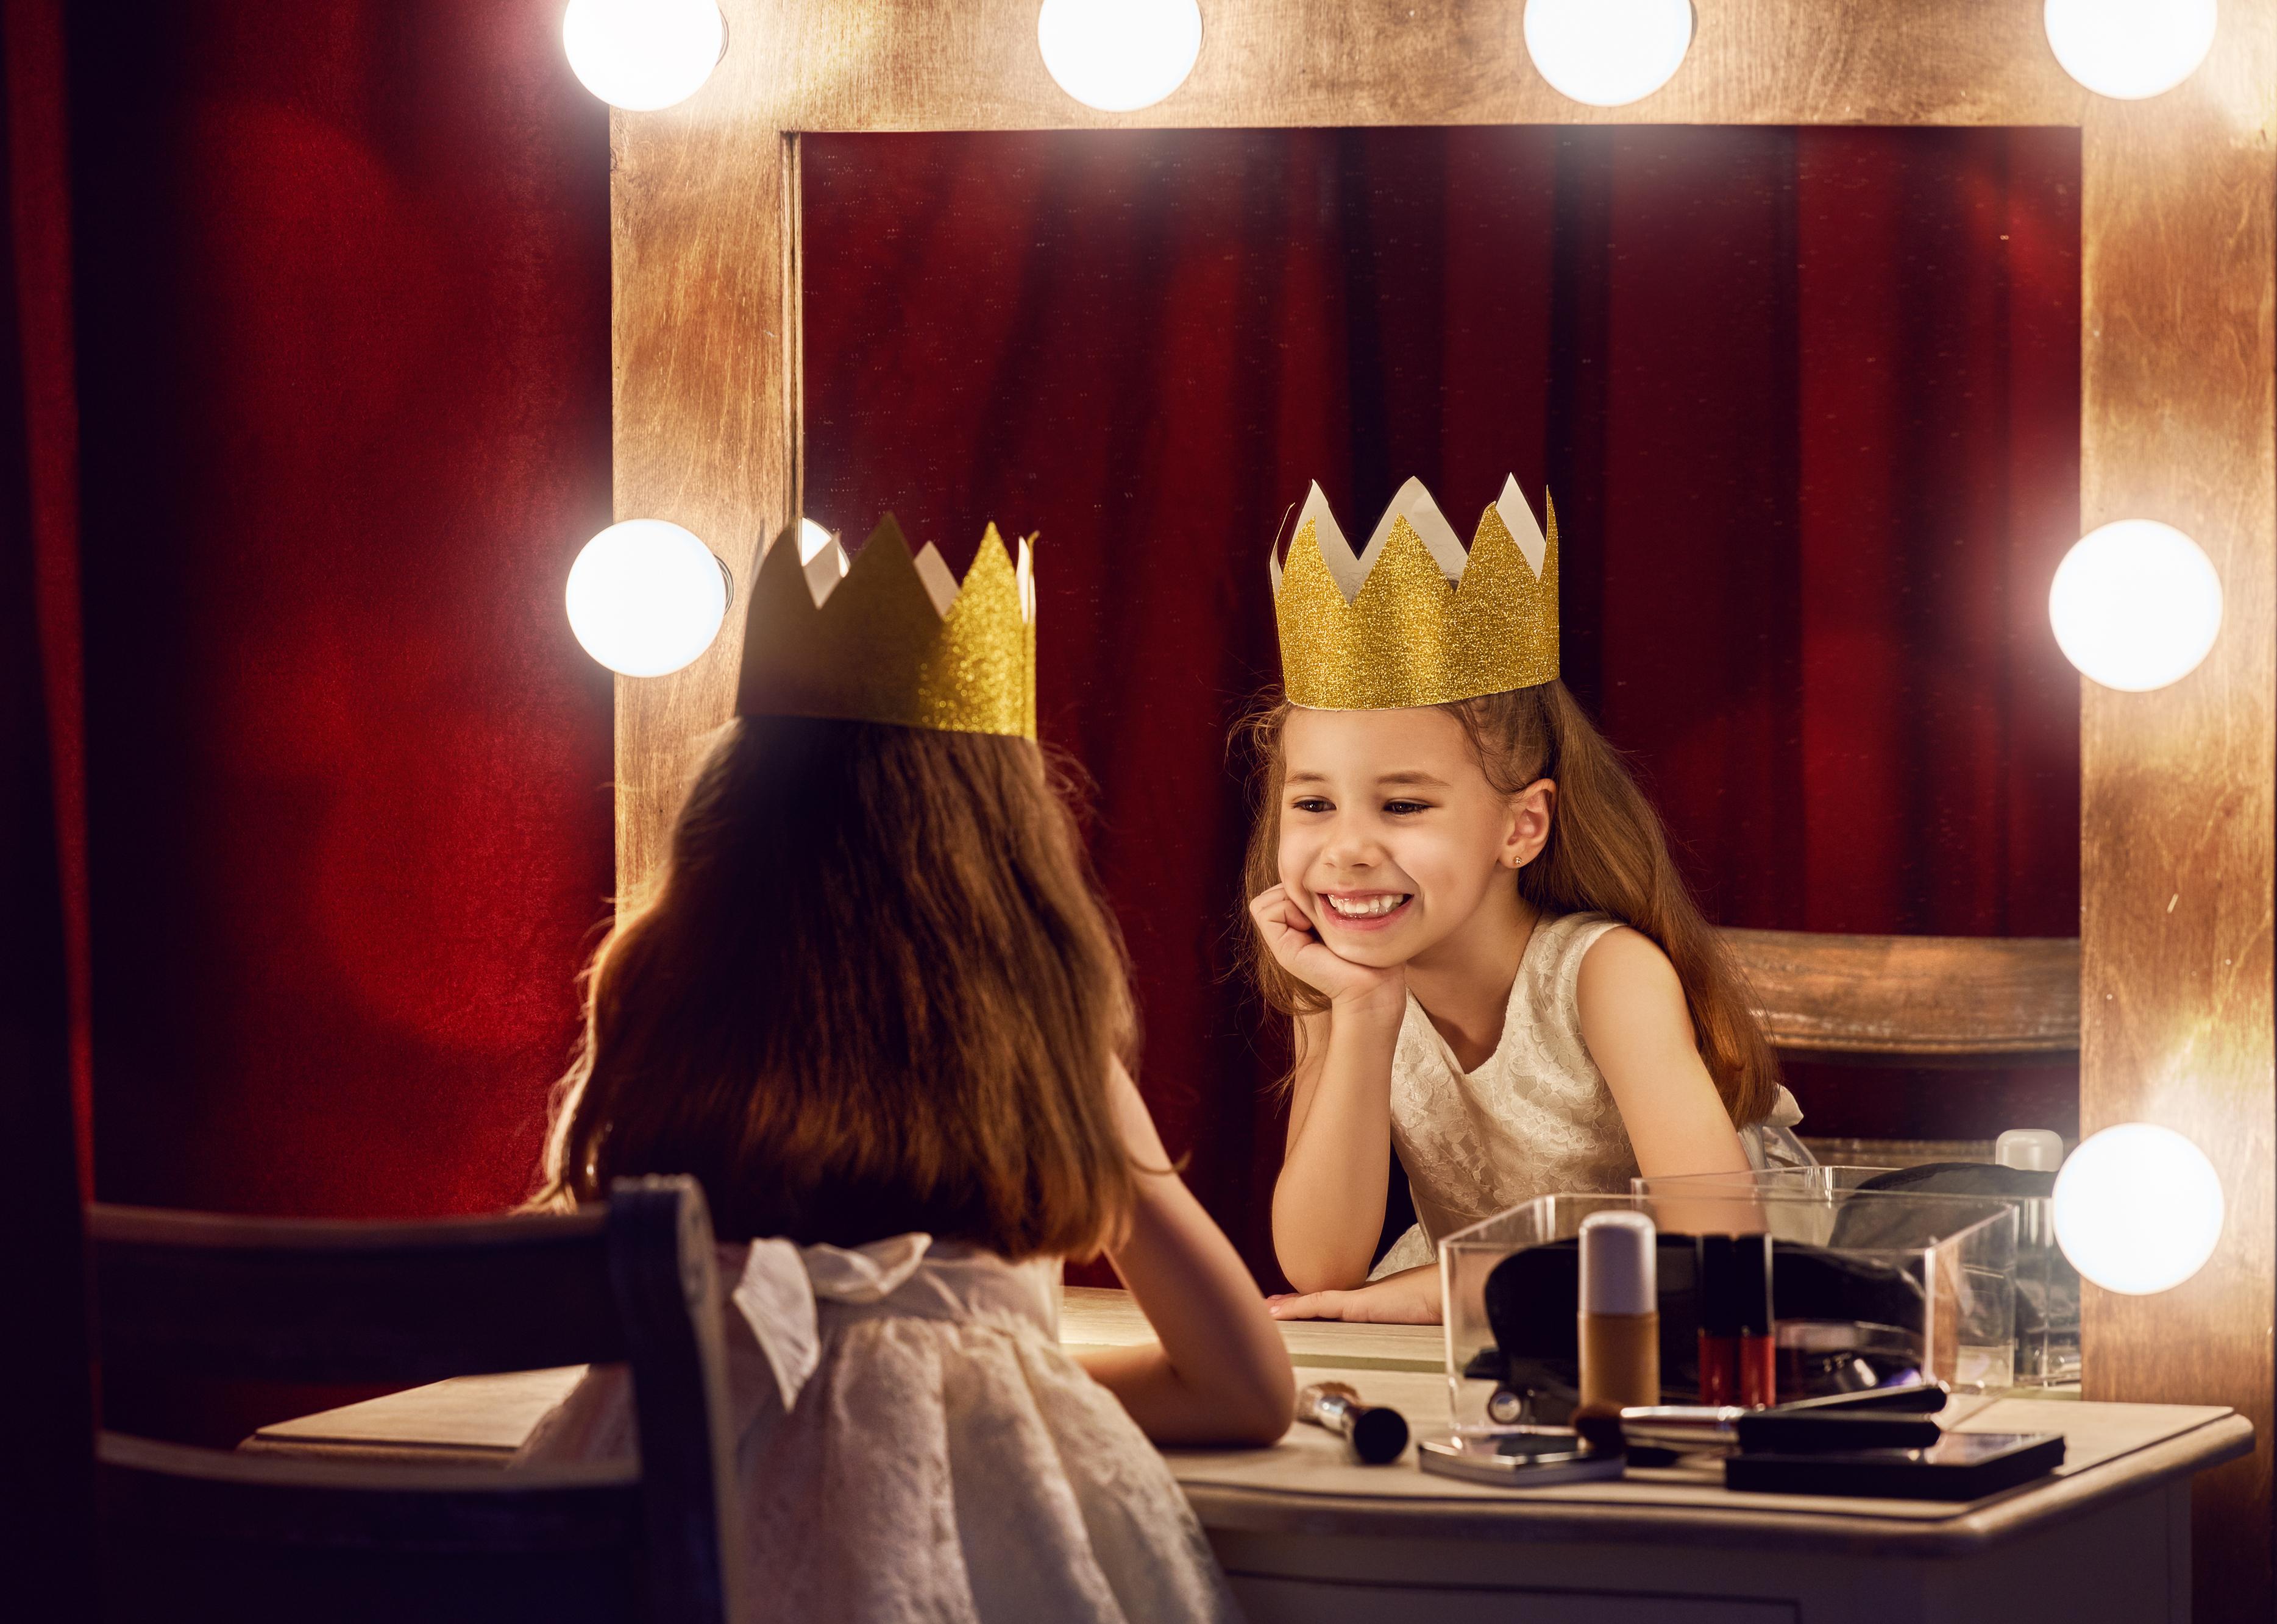 Mädchen vor dem Spiegel